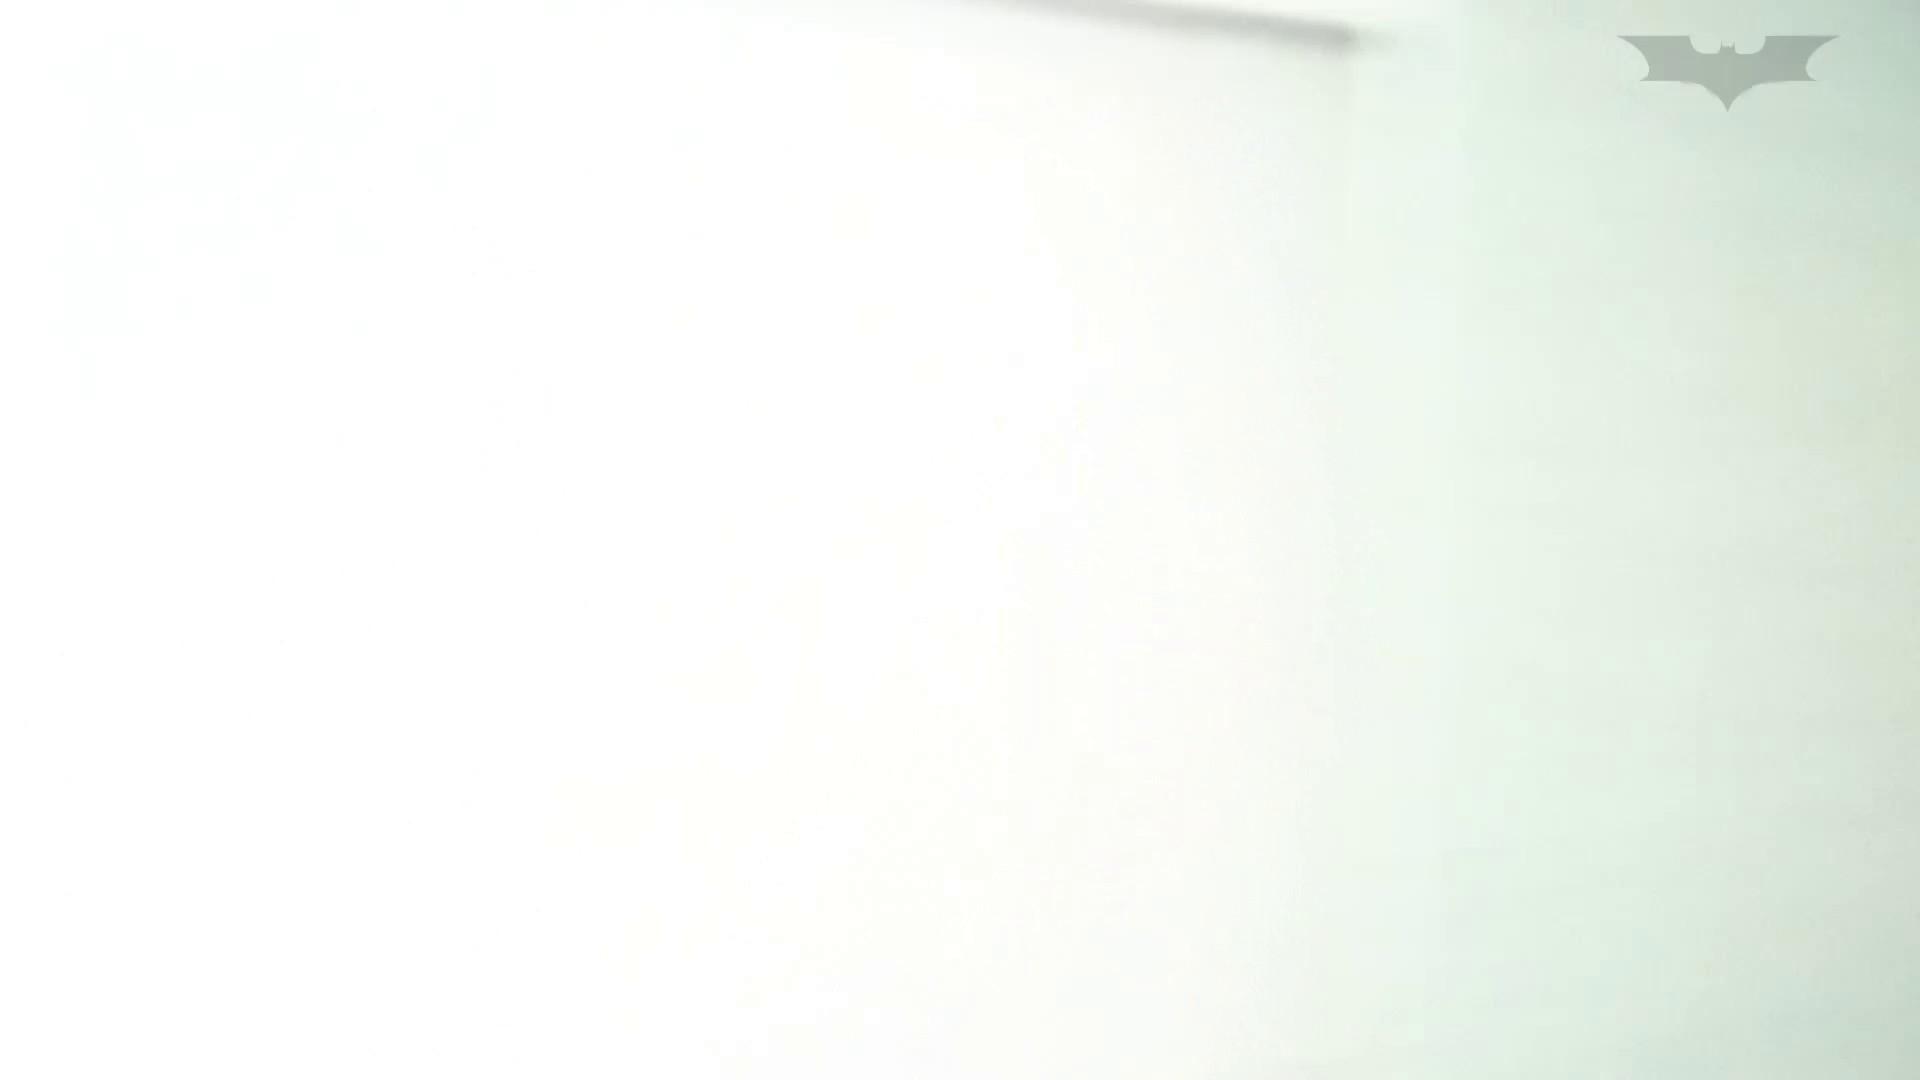 化粧室絵巻 ショッピングモール編 VOL.13 細身女性 AV動画キャプチャ 89画像 45